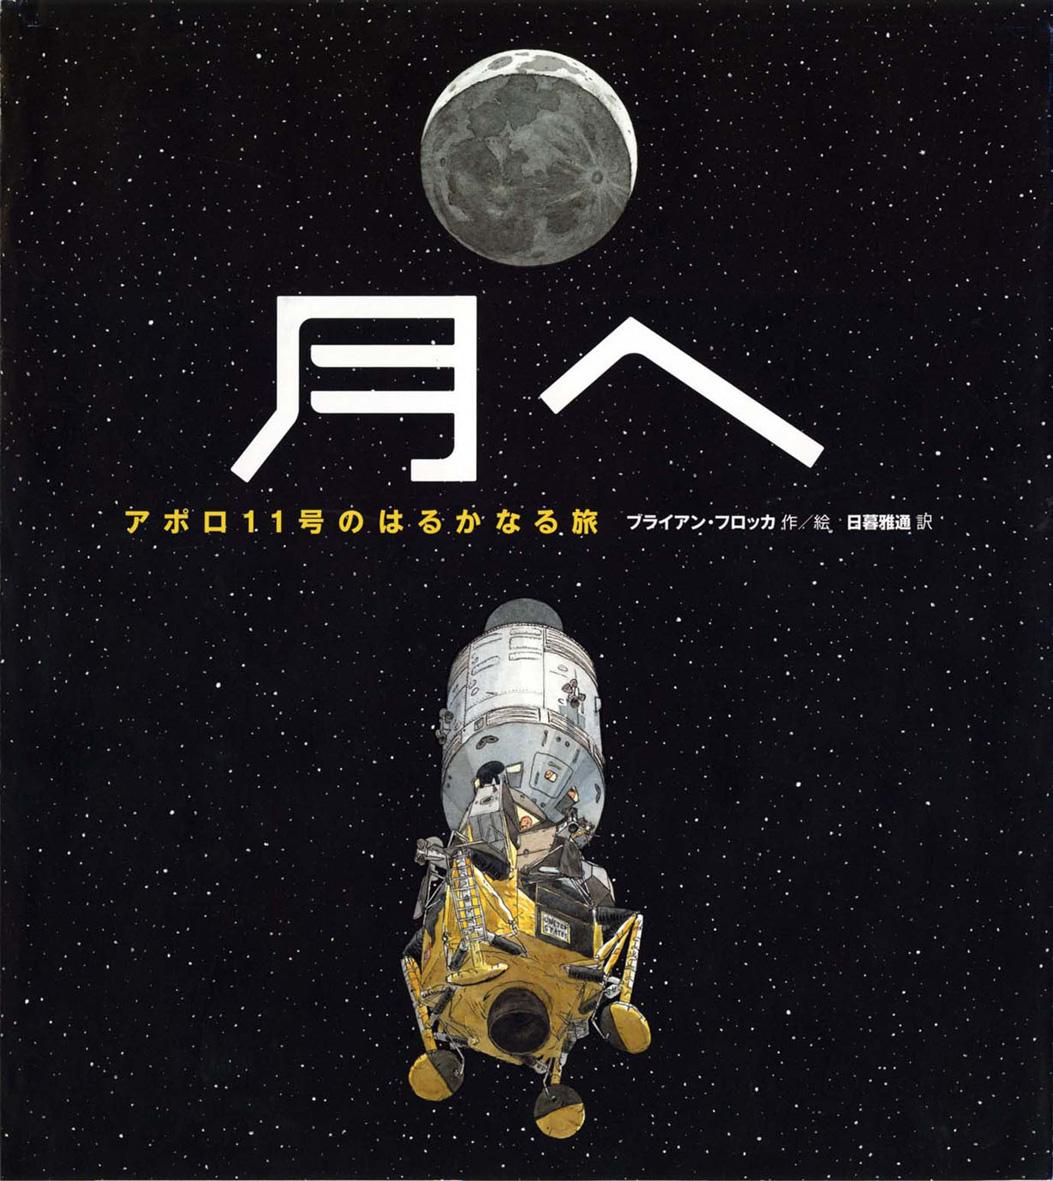 月へ アポロ11号のはるかなる旅